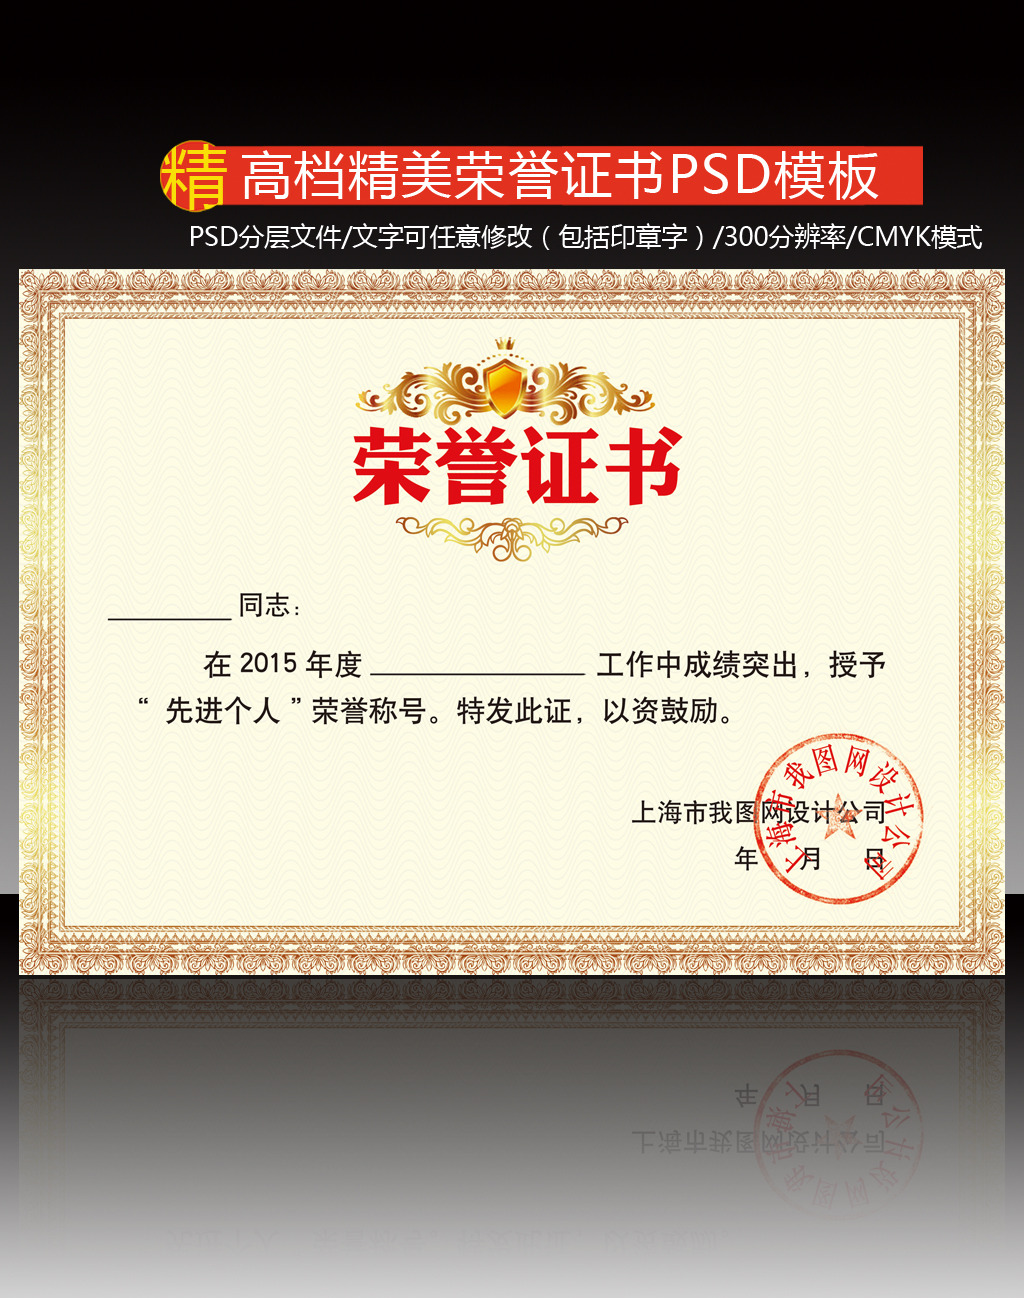 证书|奖状 > 高档企业荣誉证书优秀员工证书psd模板